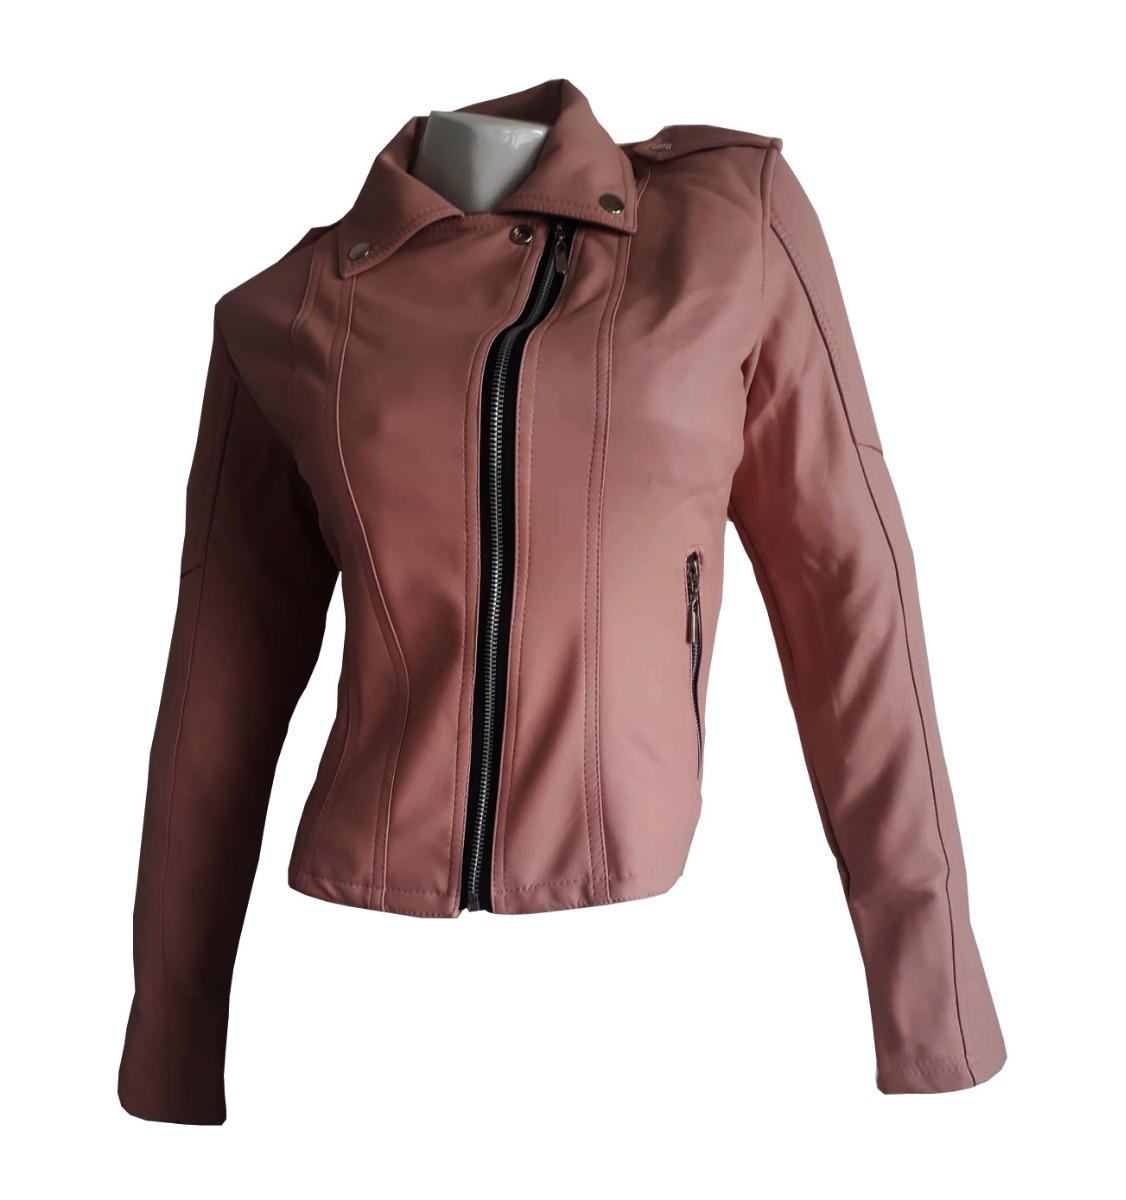 74ab07a0 Chaqueta De Cuero Sintético Mujer Fashion, Cuerotex - $ 77.900 en ...